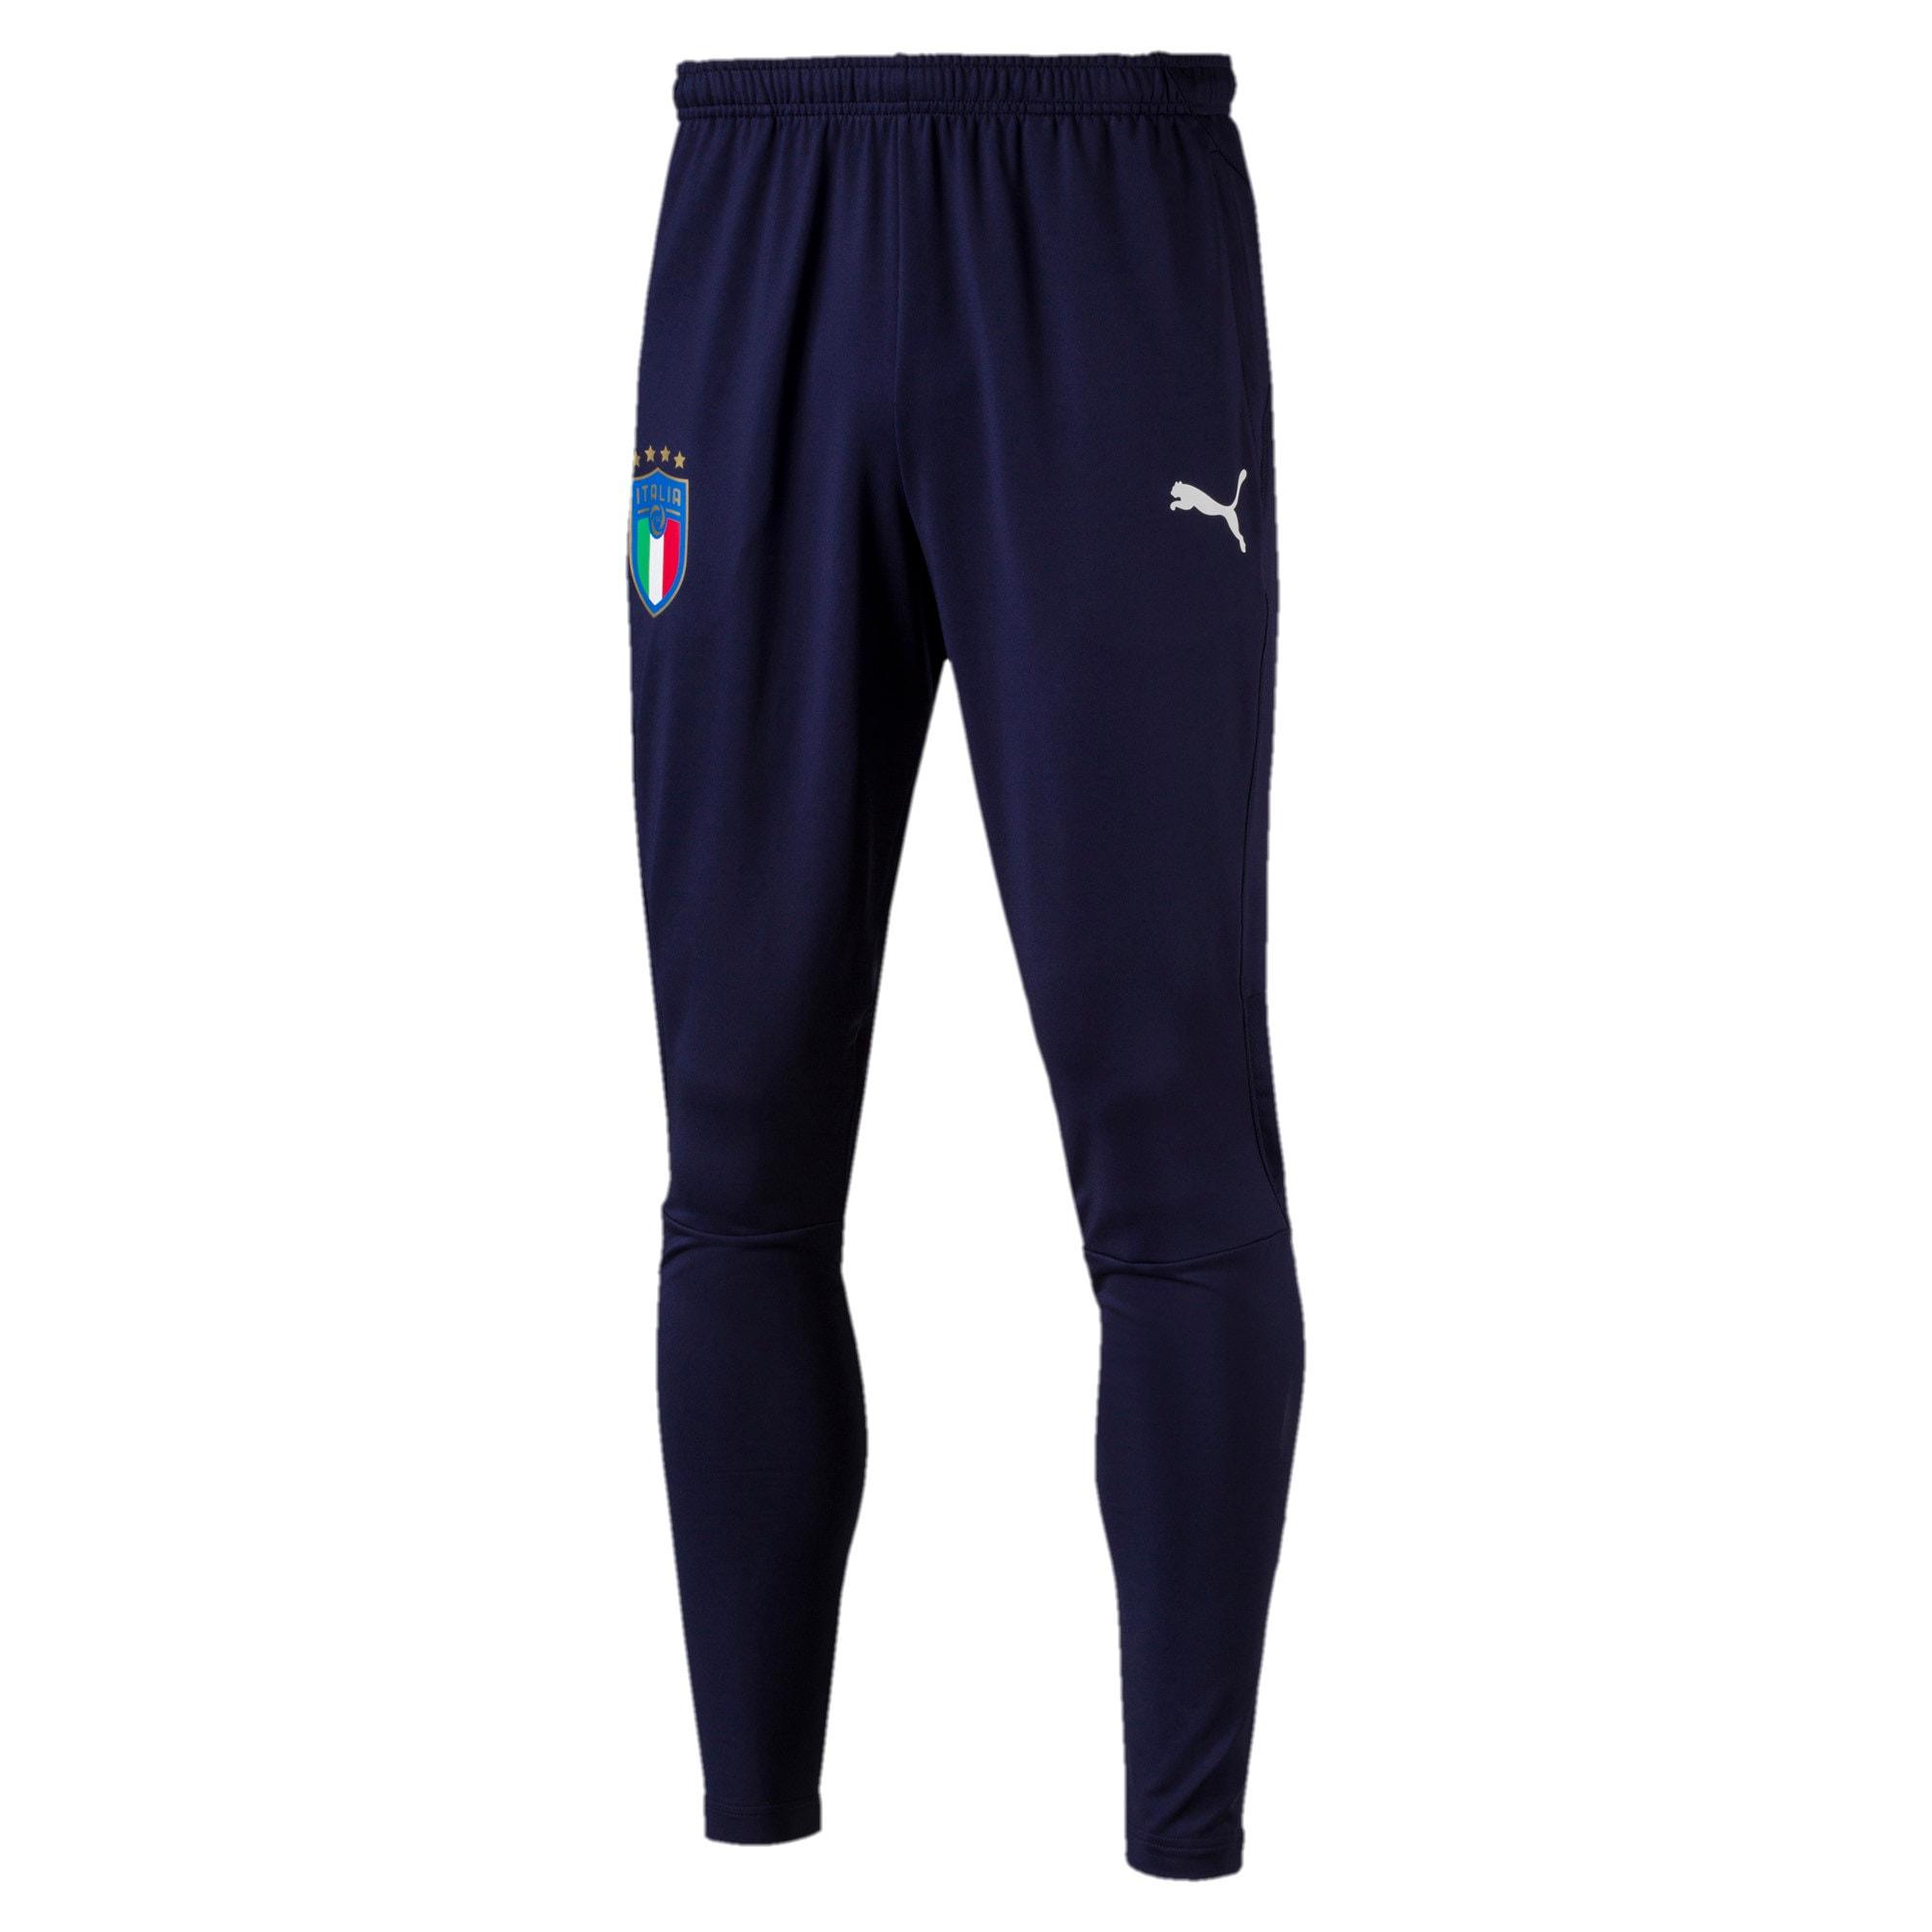 Thumbnail 1 of Italia Training Pants Zipped Pockets, Peacoat, medium